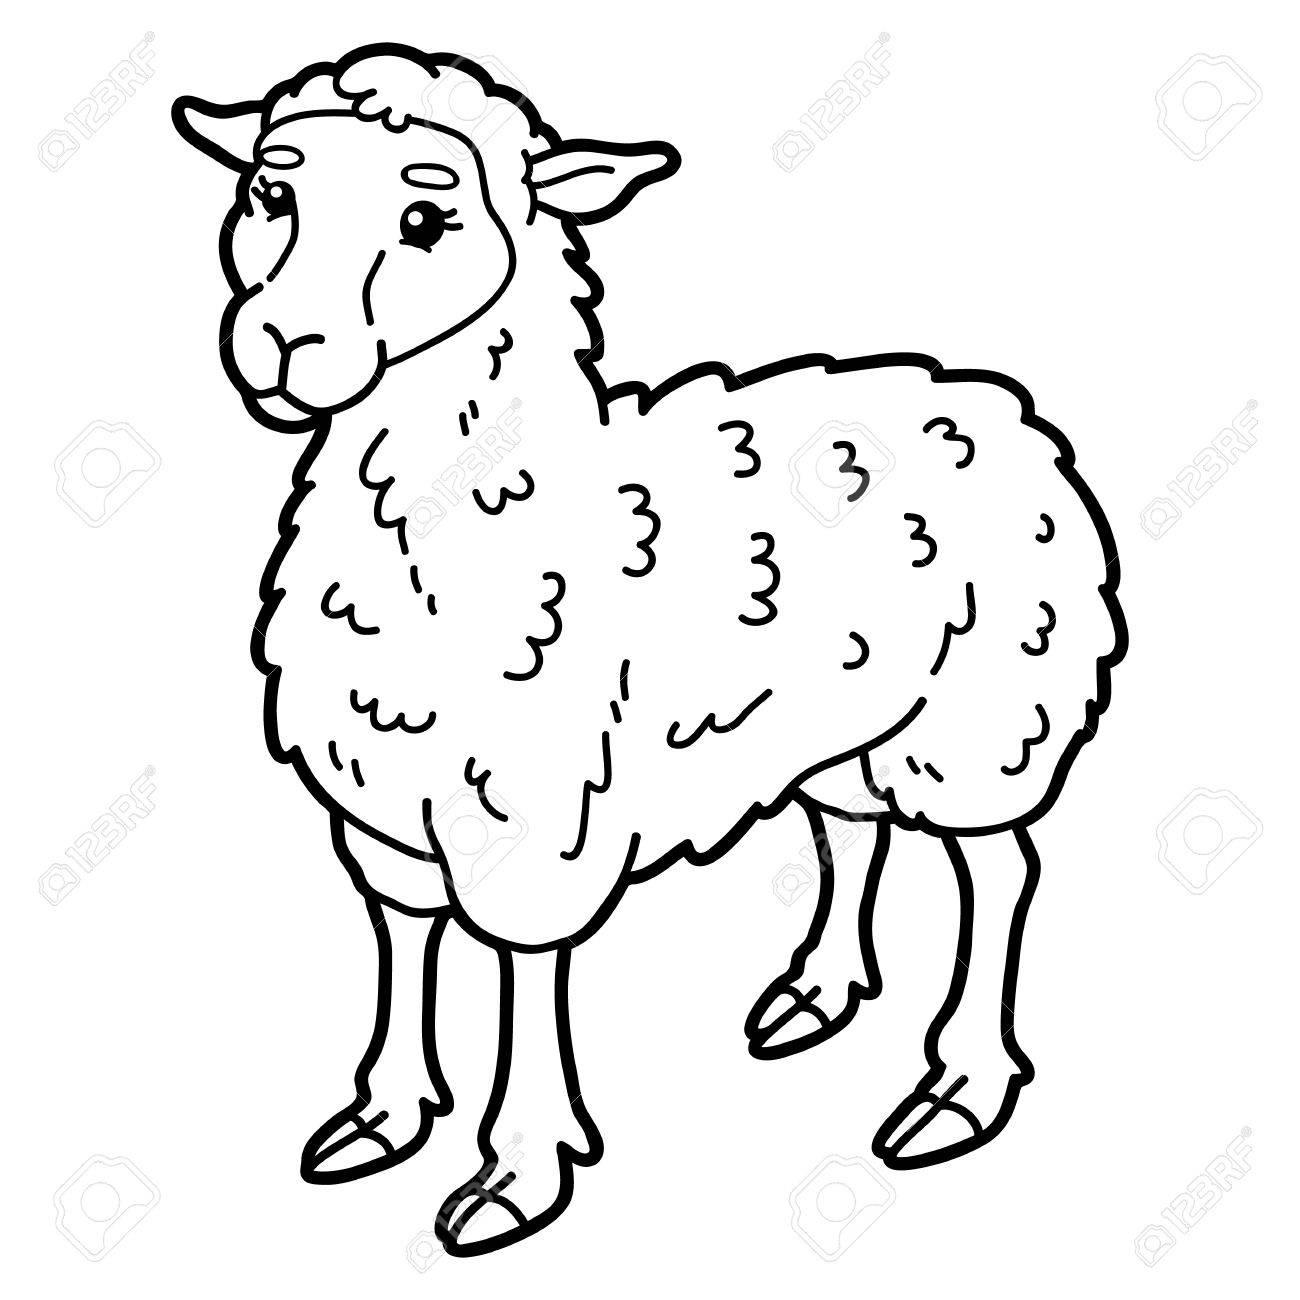 Vektor-Illustration Von Niedlichen Cartoon Schaf Zeichen Für